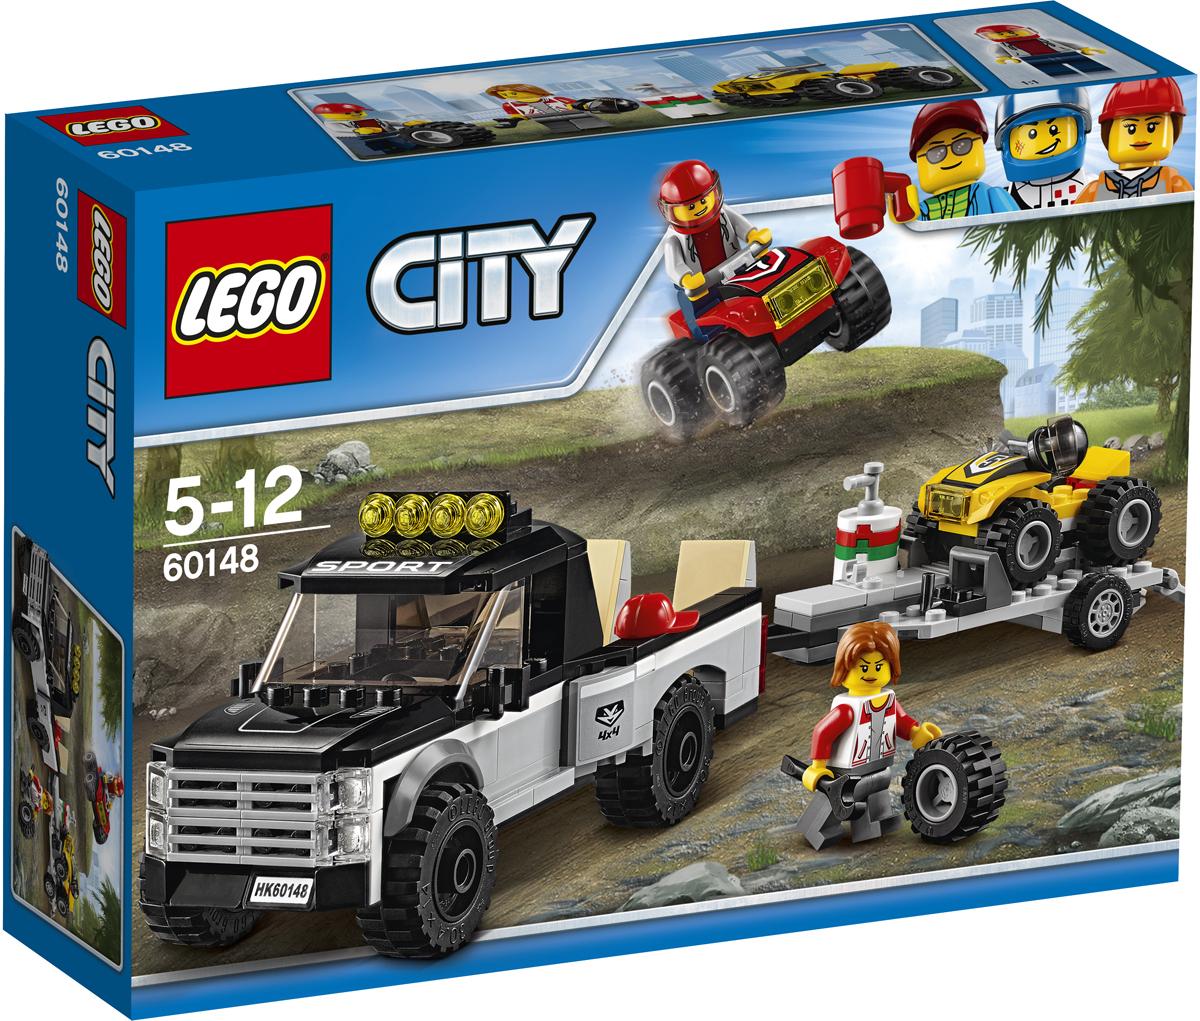 LEGO City Конструктор Гоночная команда 6014860148Разогрейте моторы квадроциклов и приготовьтесь к гонке! Опустите рампы и загрузите квадроциклы в трейлер и пикап. Потом прикрепите трейлер к пикапу и отправляйтесь в путь. Надевайте шлем, садитесь на квадроцикл и выиграйте гонку! Набор включает в себя 239 разноцветных пластиковых элементов. Конструктор - это один из самых увлекательных и веселых способов времяпрепровождения. Ребенок сможет часами играть с конструктором, придумывая различные ситуации и истории.